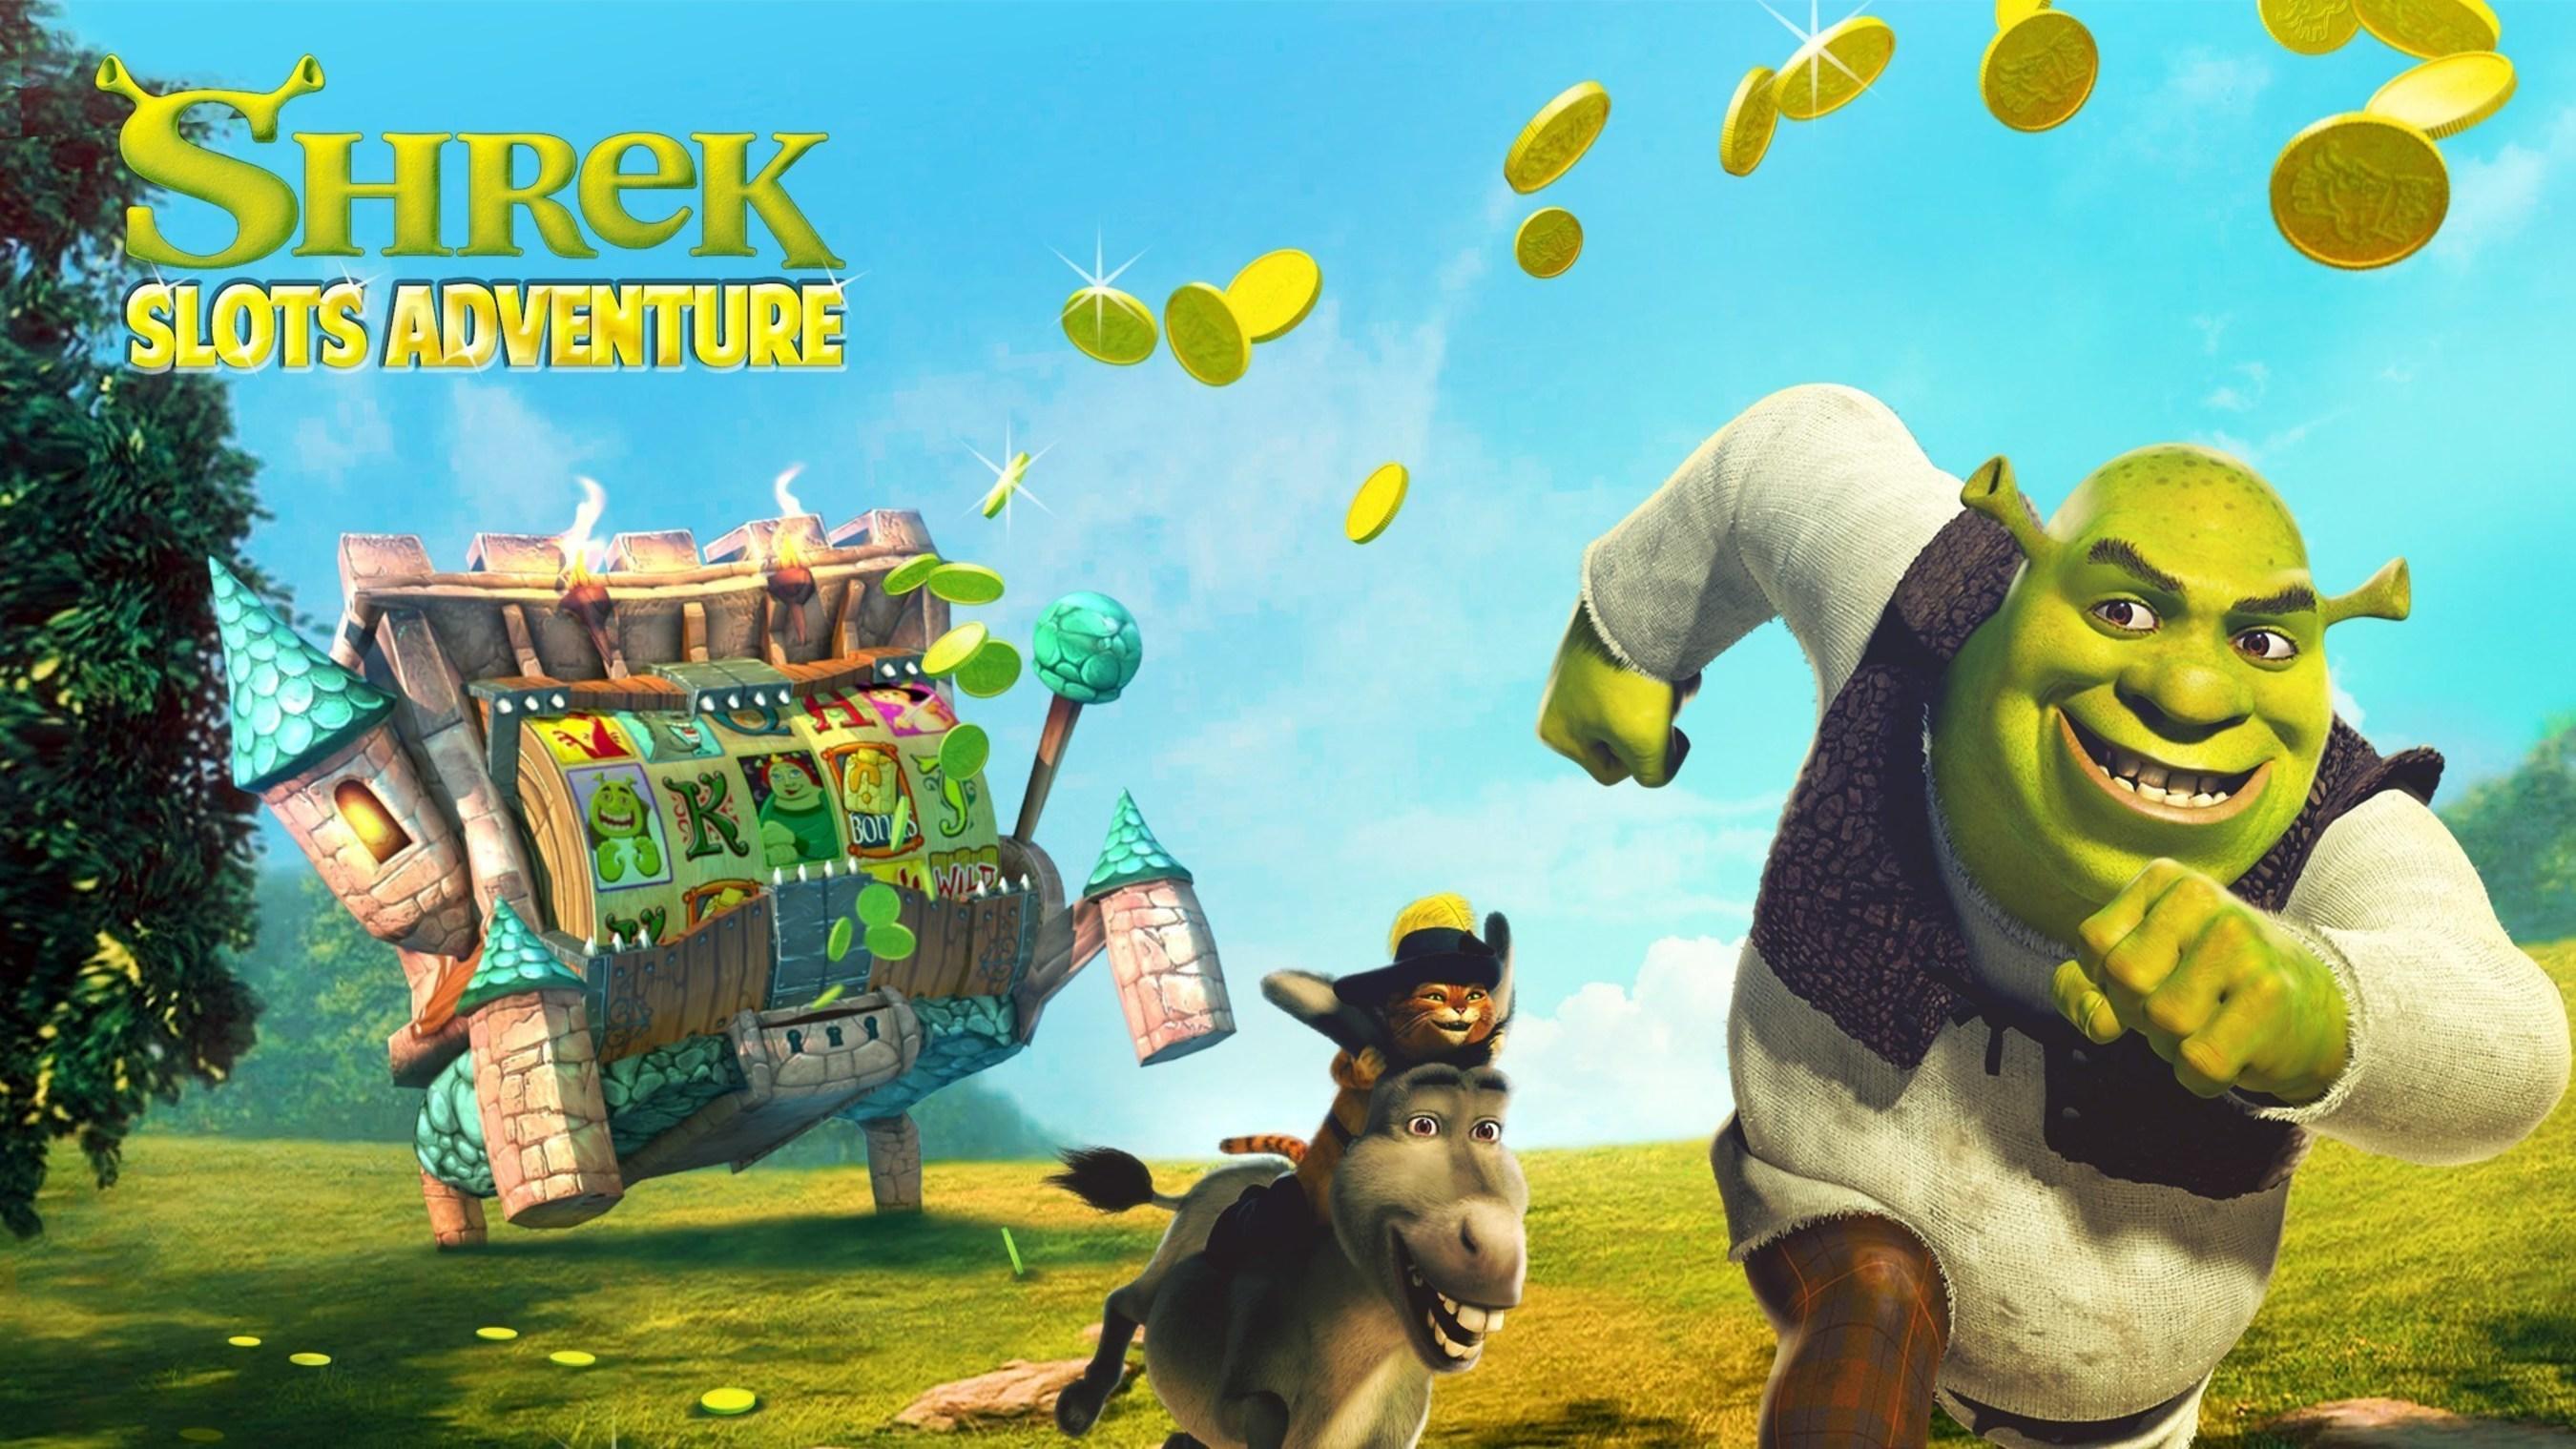 Bonanza Media lance le jeu mobile gratuit Shrek Slots Adventure pour les appareils iOS et Android